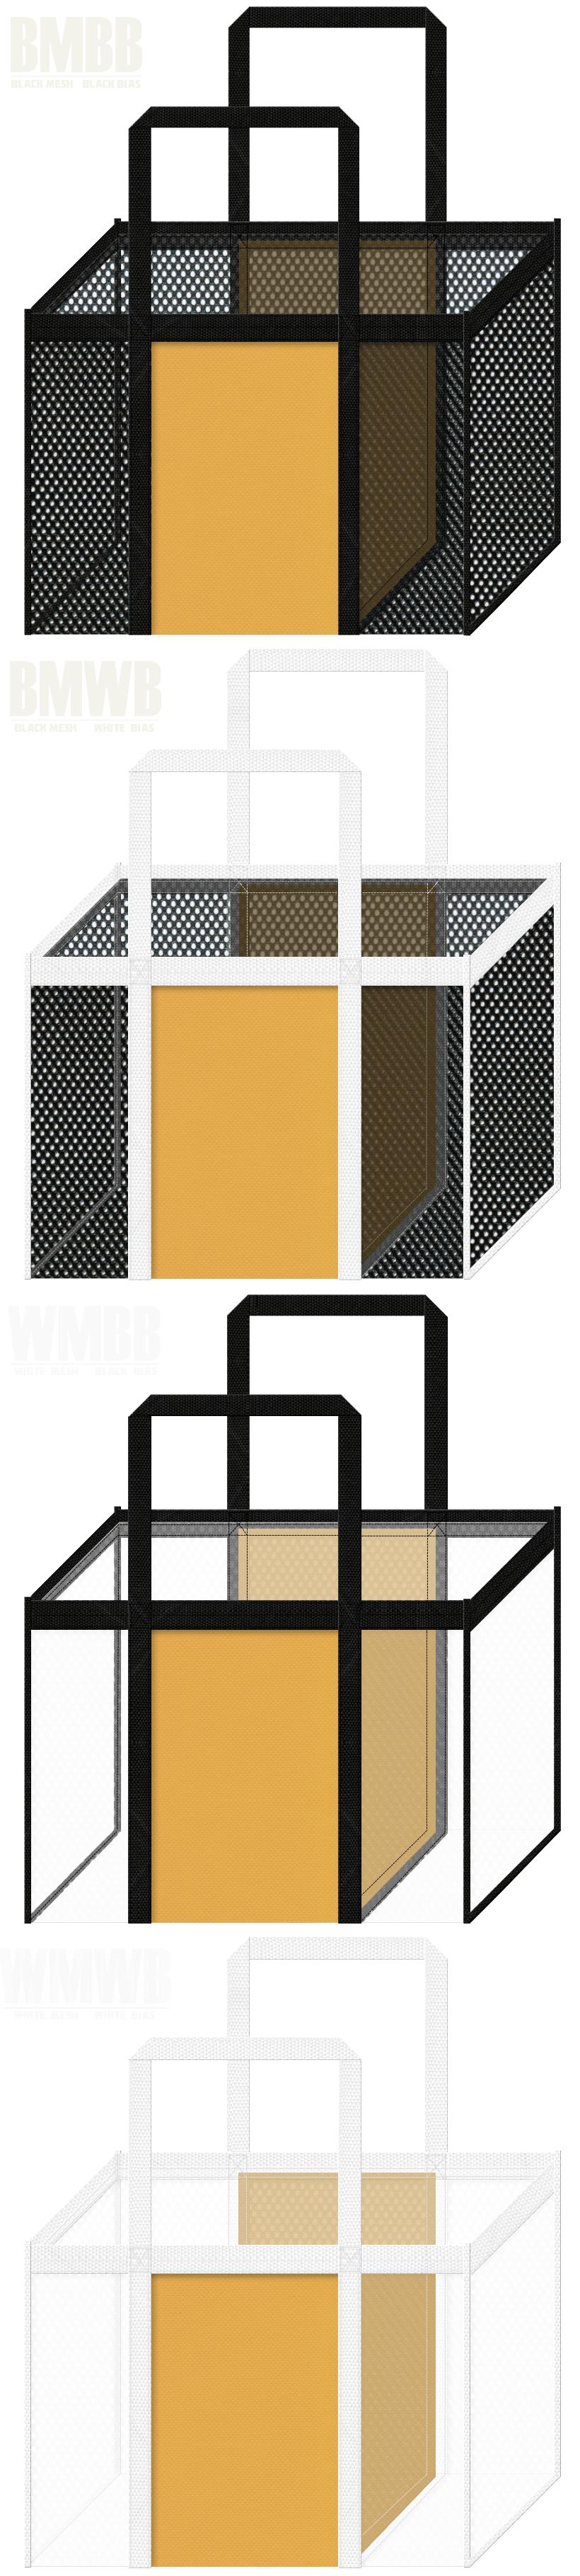 角型メッシュバッグのカラーシミュレーション:黒色・白色メッシュと黄土色不織布の組み合わせ